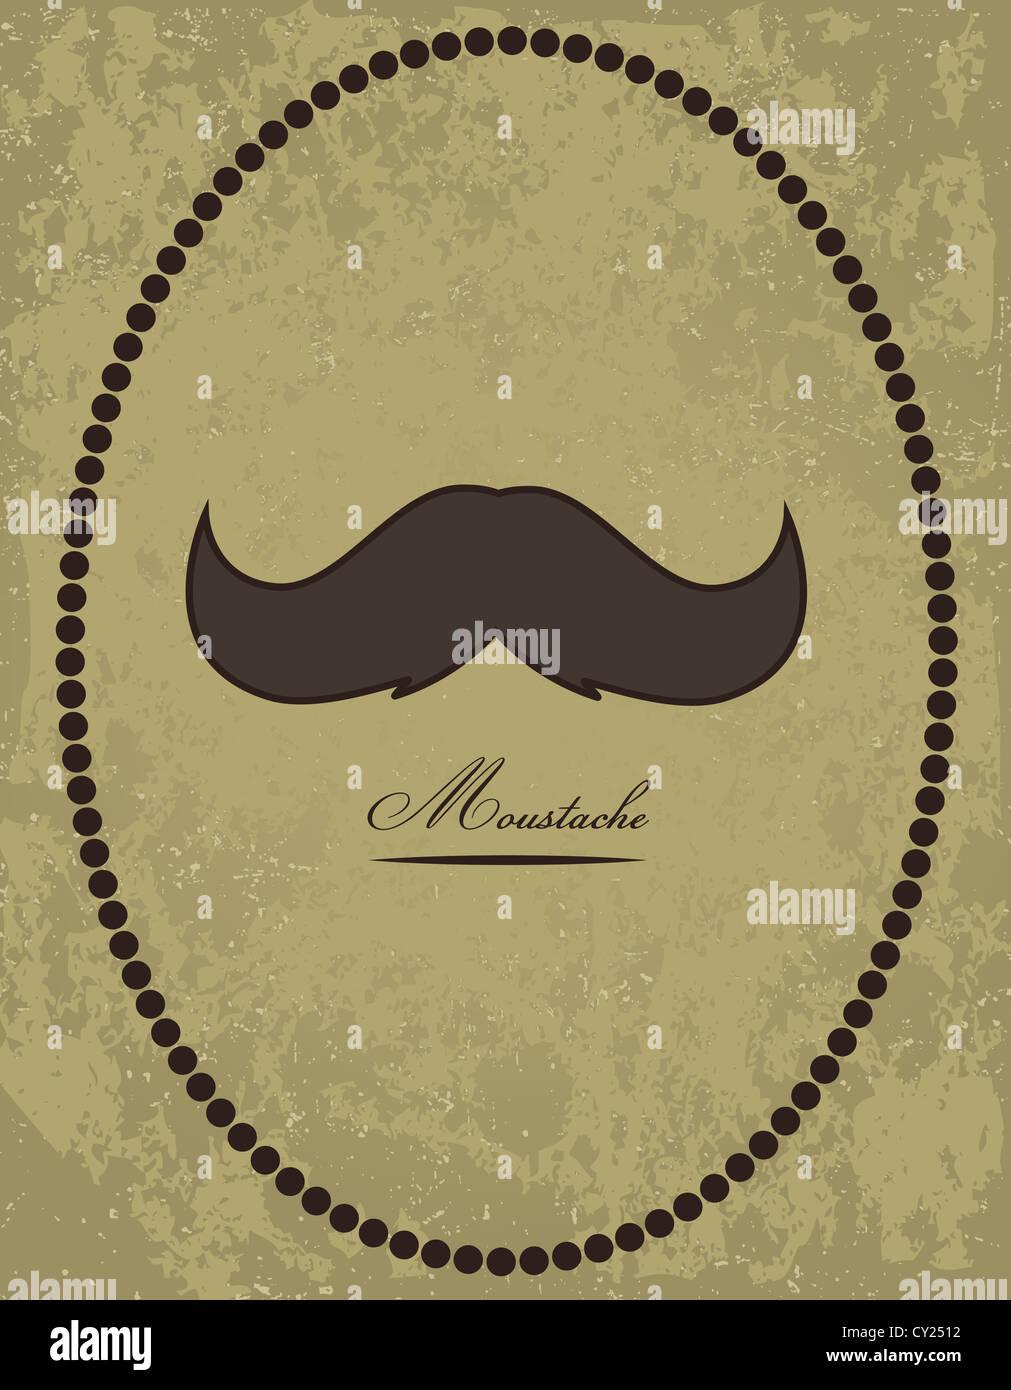 Moustache background - Stock Image